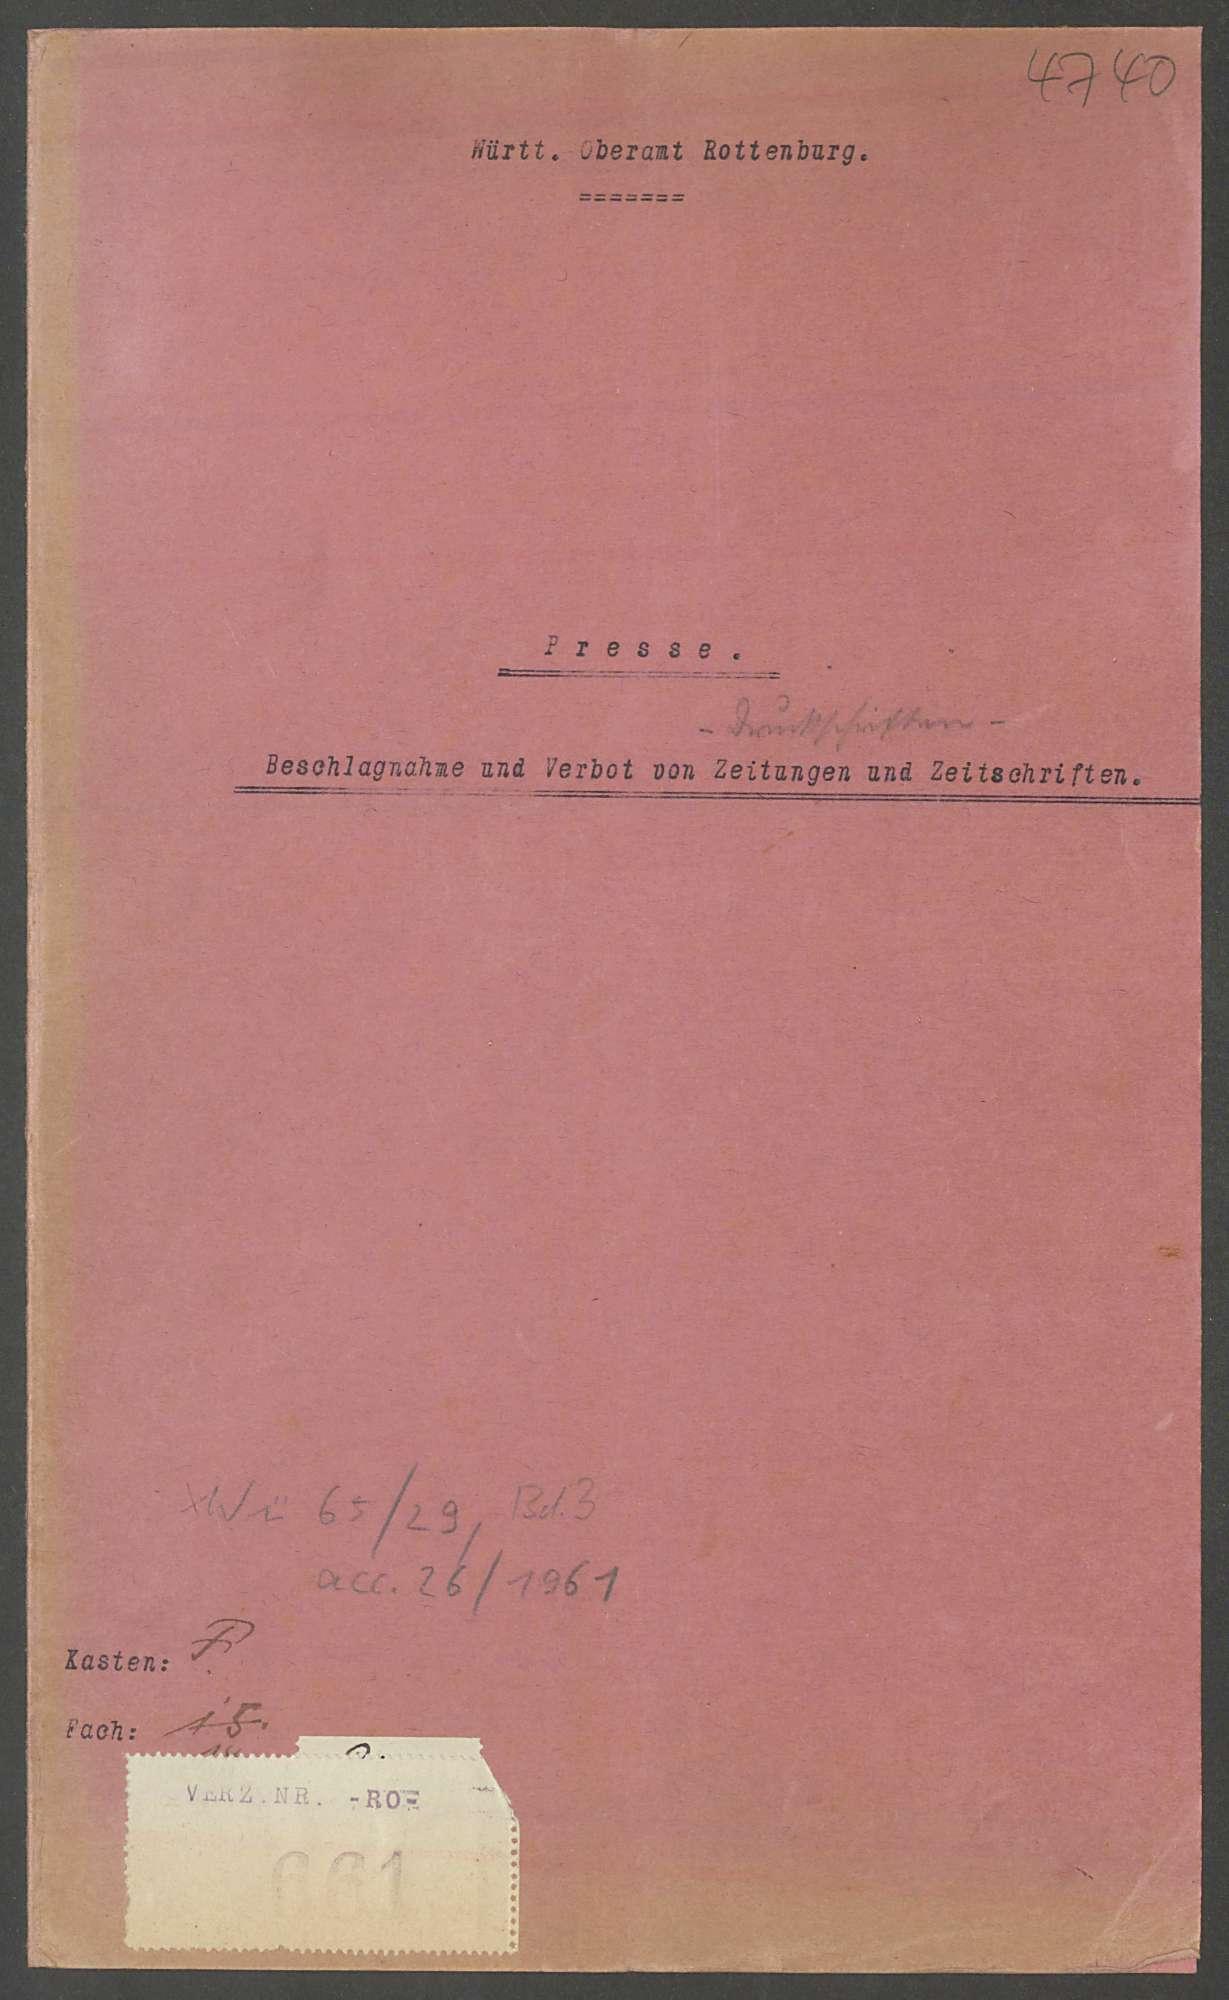 Beschlagnahme von Zeitschriften etc., Verbote, Bild 1